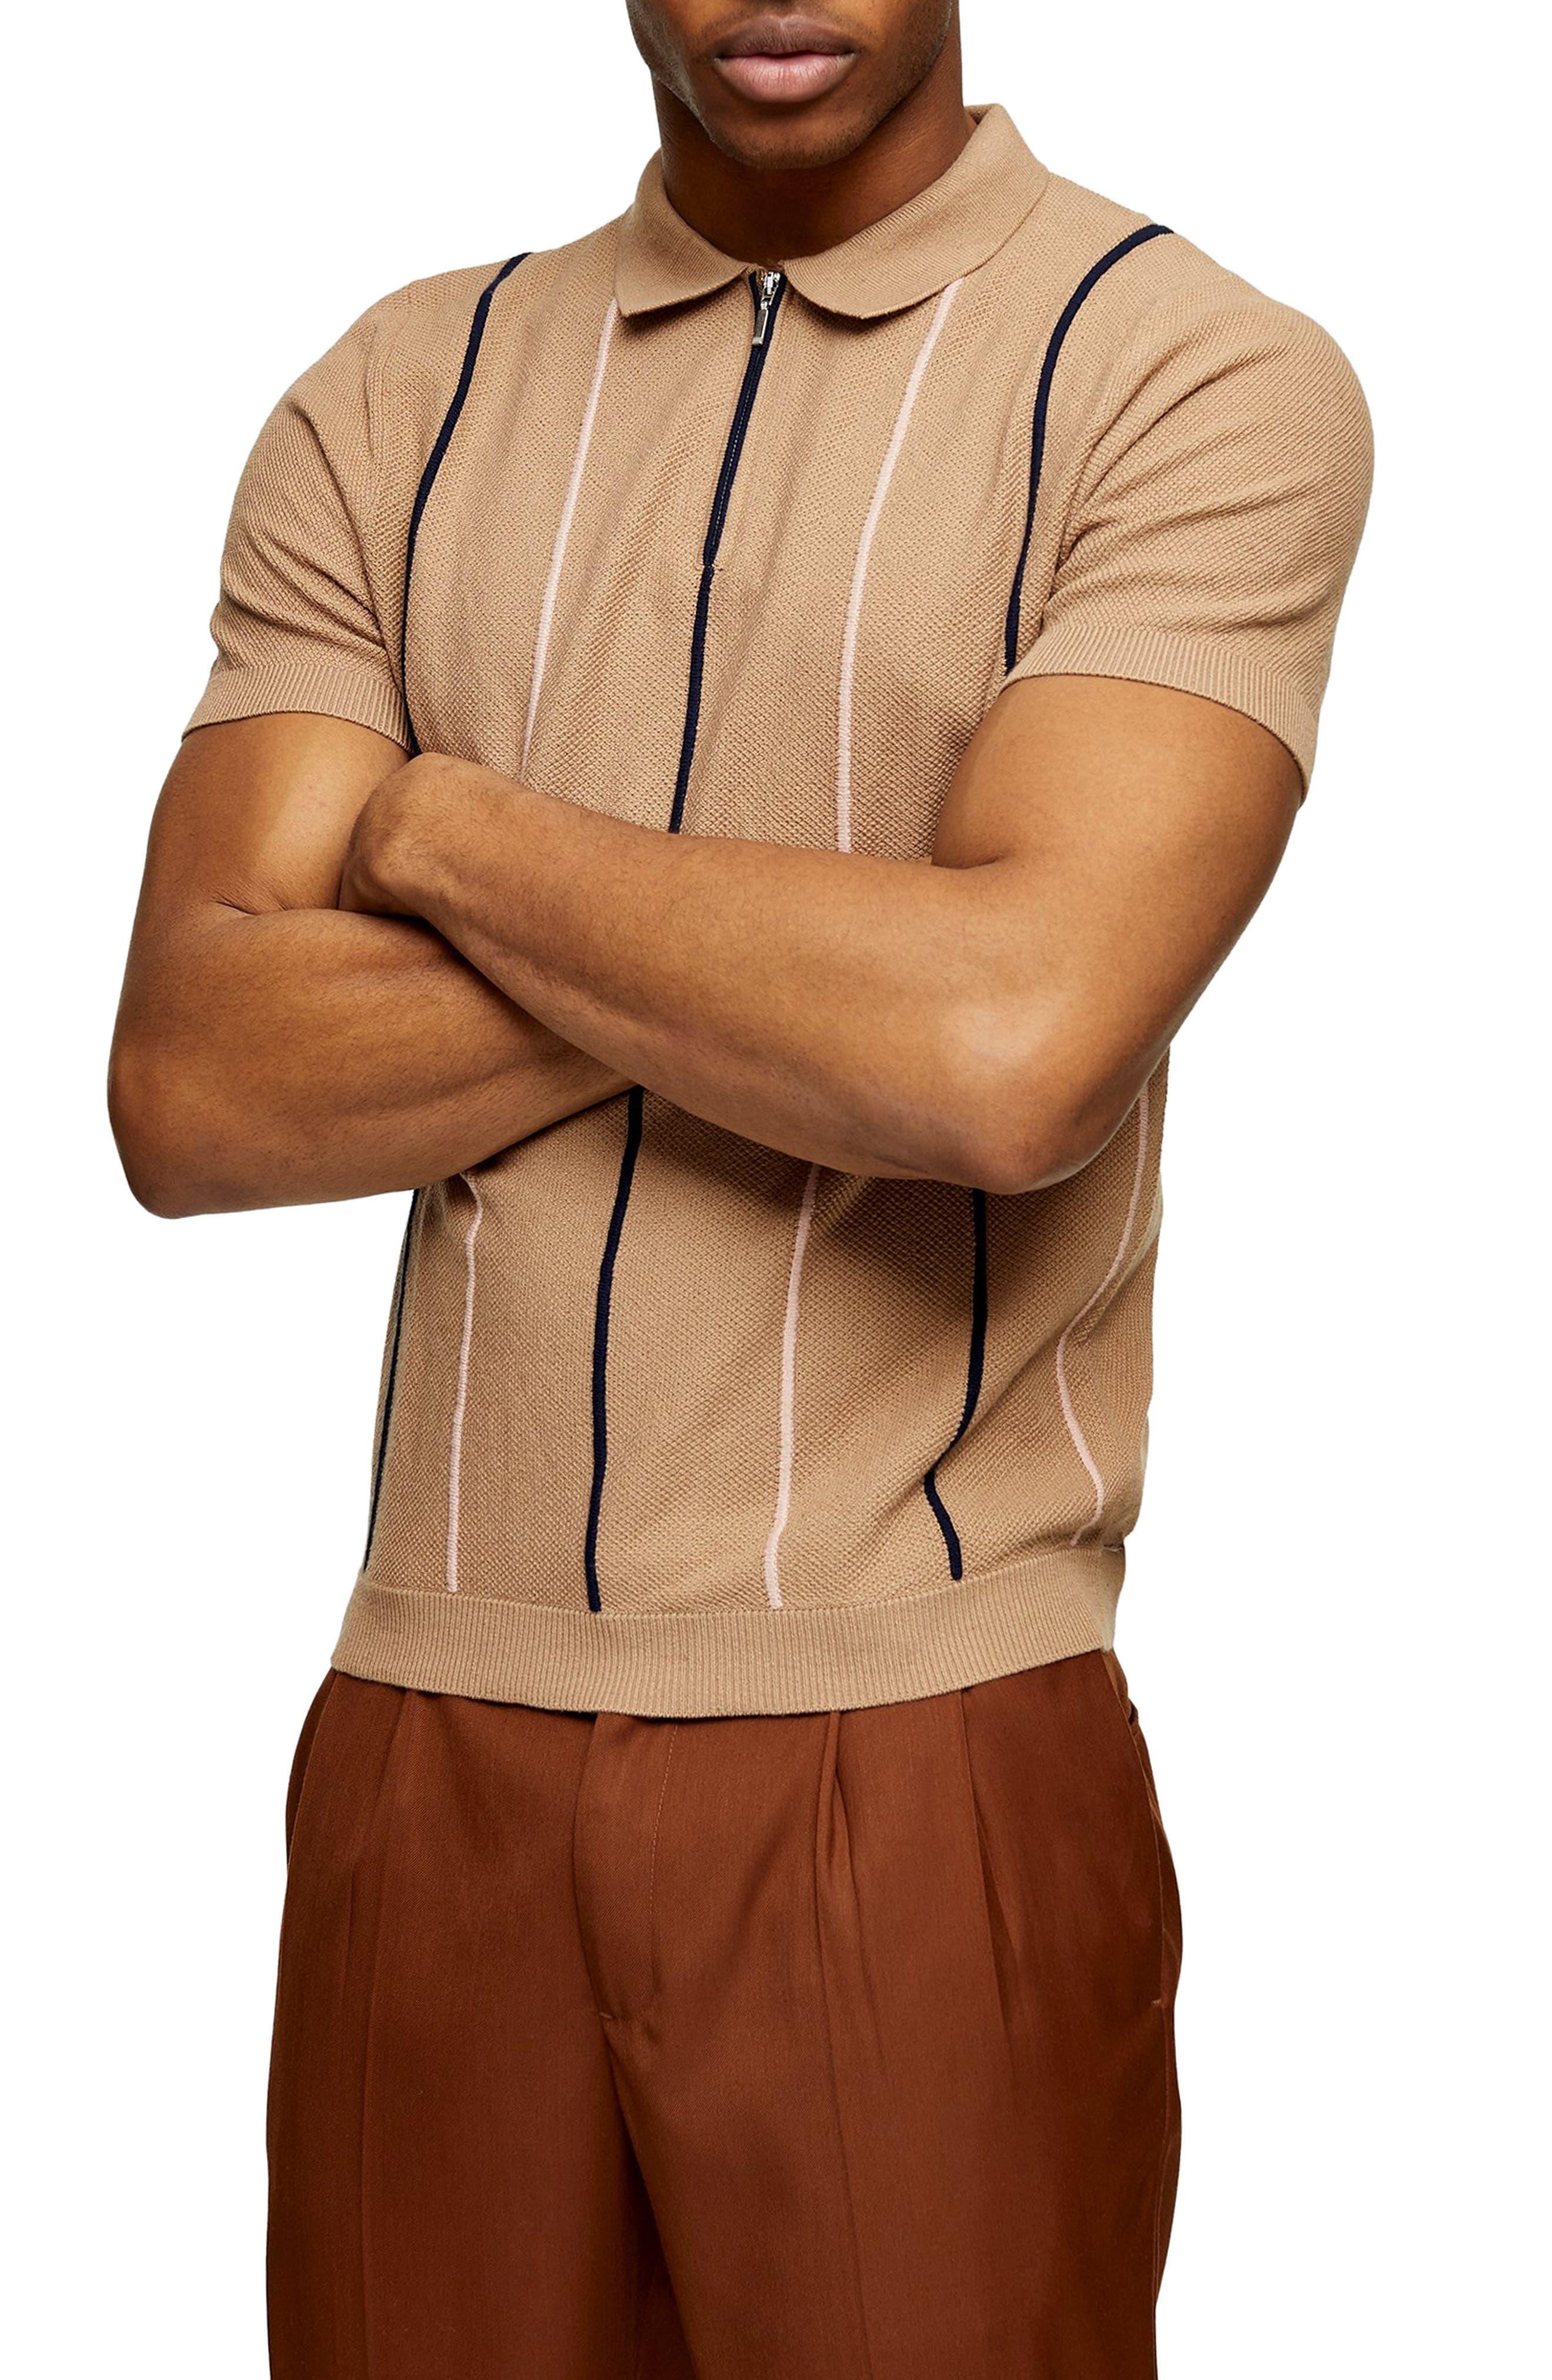 1960s Men's Clothing Mens Topman Stripe Pique Zip Polo Size XX-Large - Brown $50.00 AT vintagedancer.com